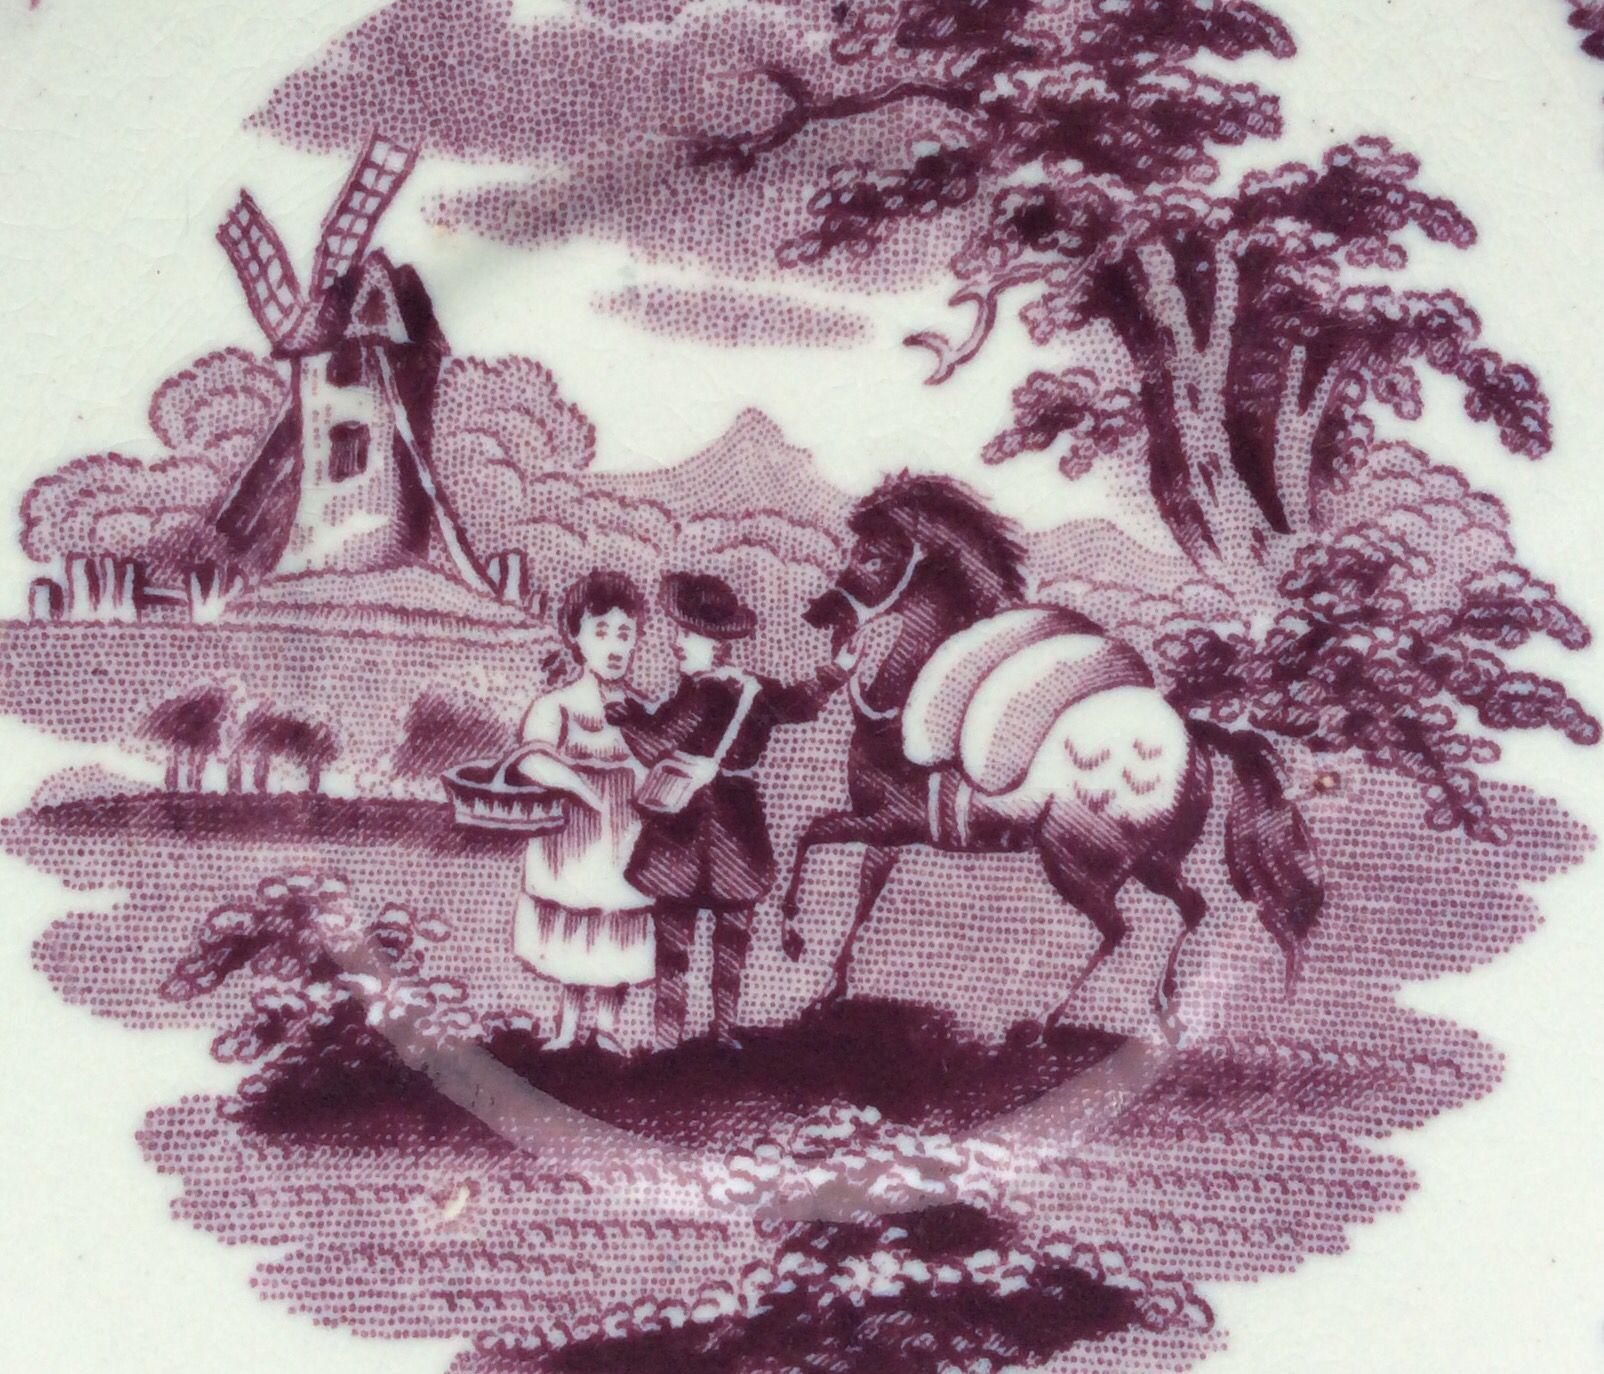 Petrus Regout - Packhorse (detail)